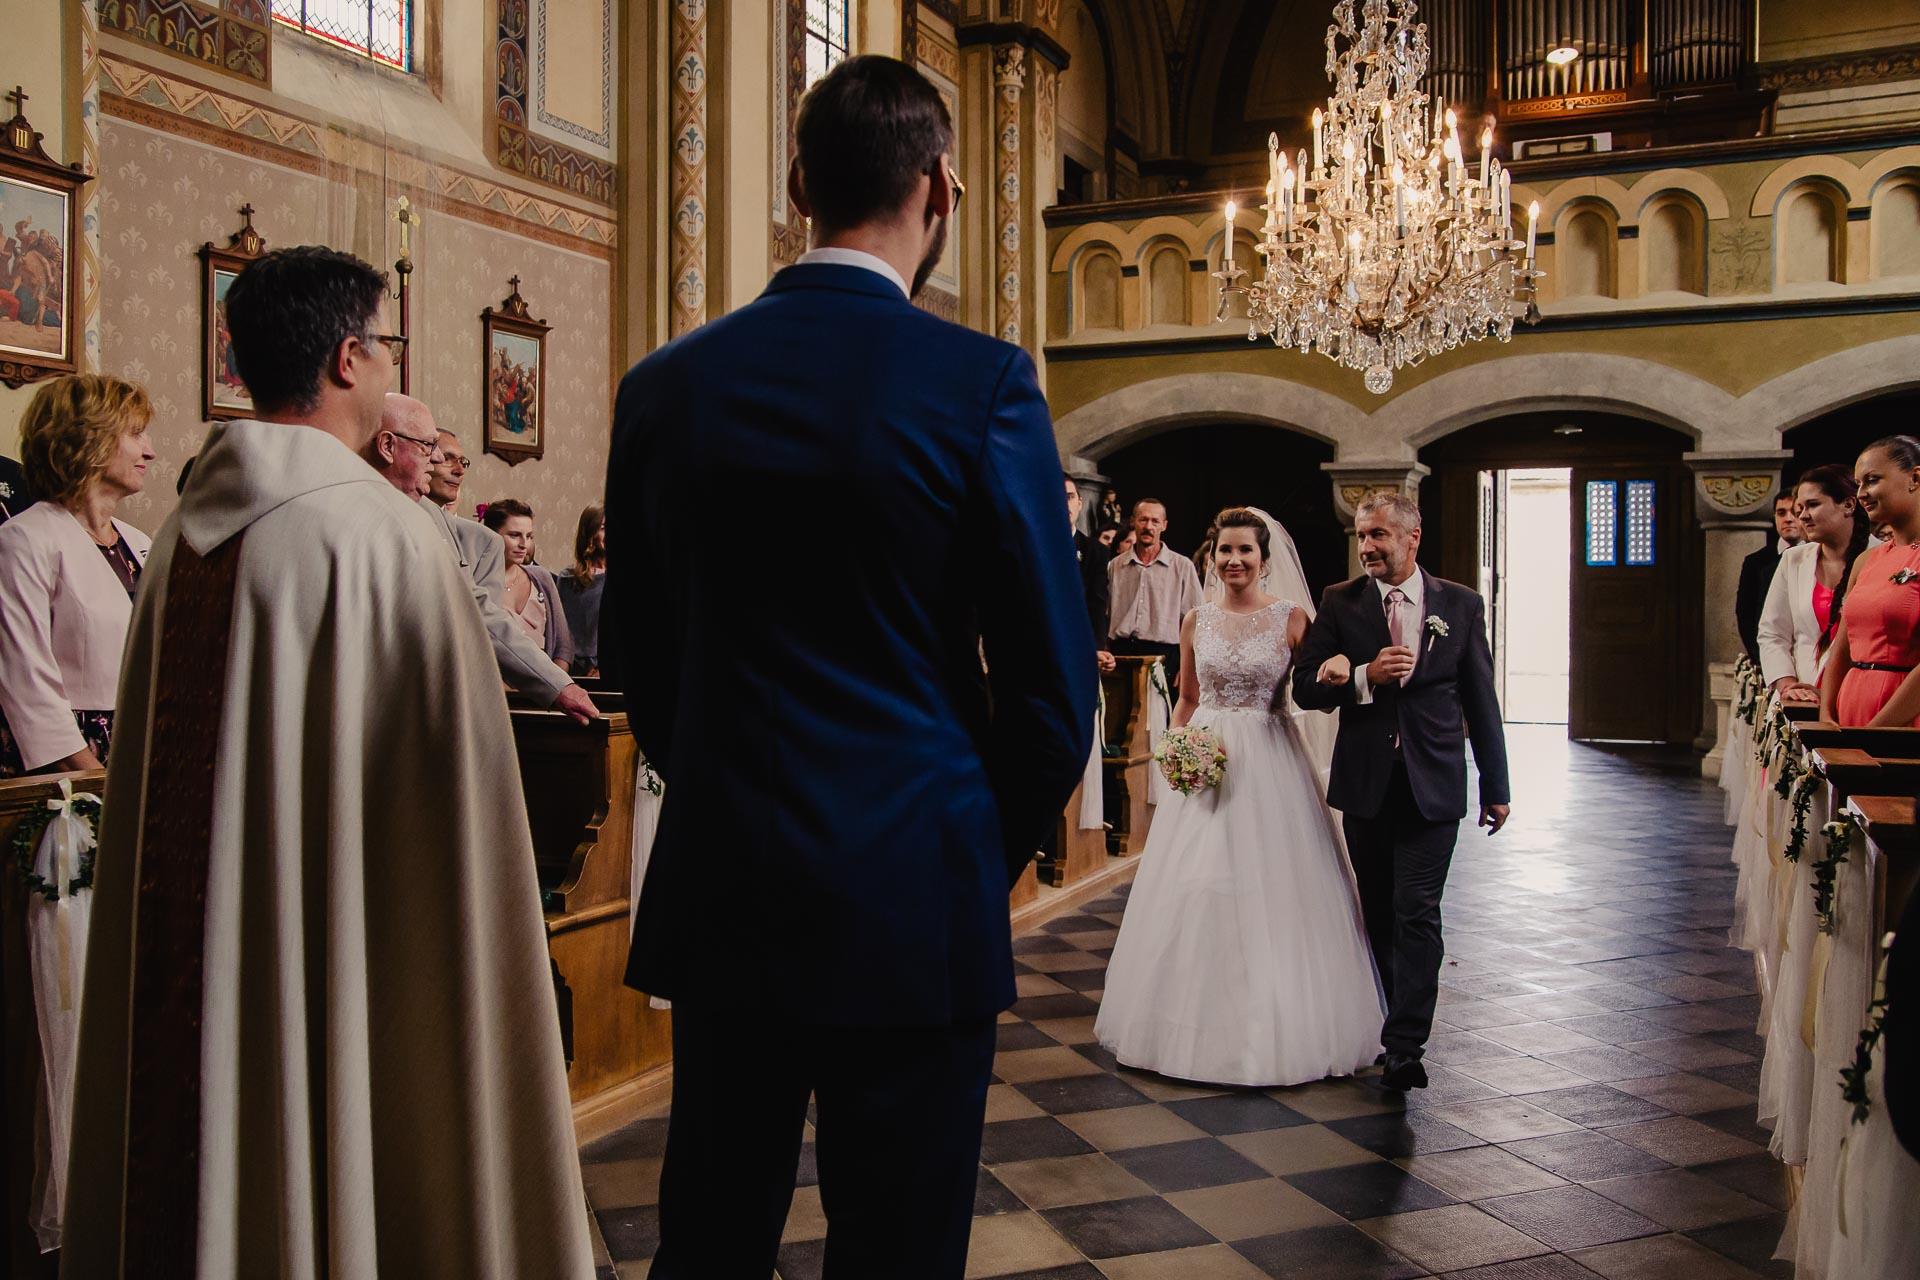 svatební fotograf Praha,svatba střední čechy, církevní obřad, svatba v kostele, nejhezčí svatební fotografie-2241